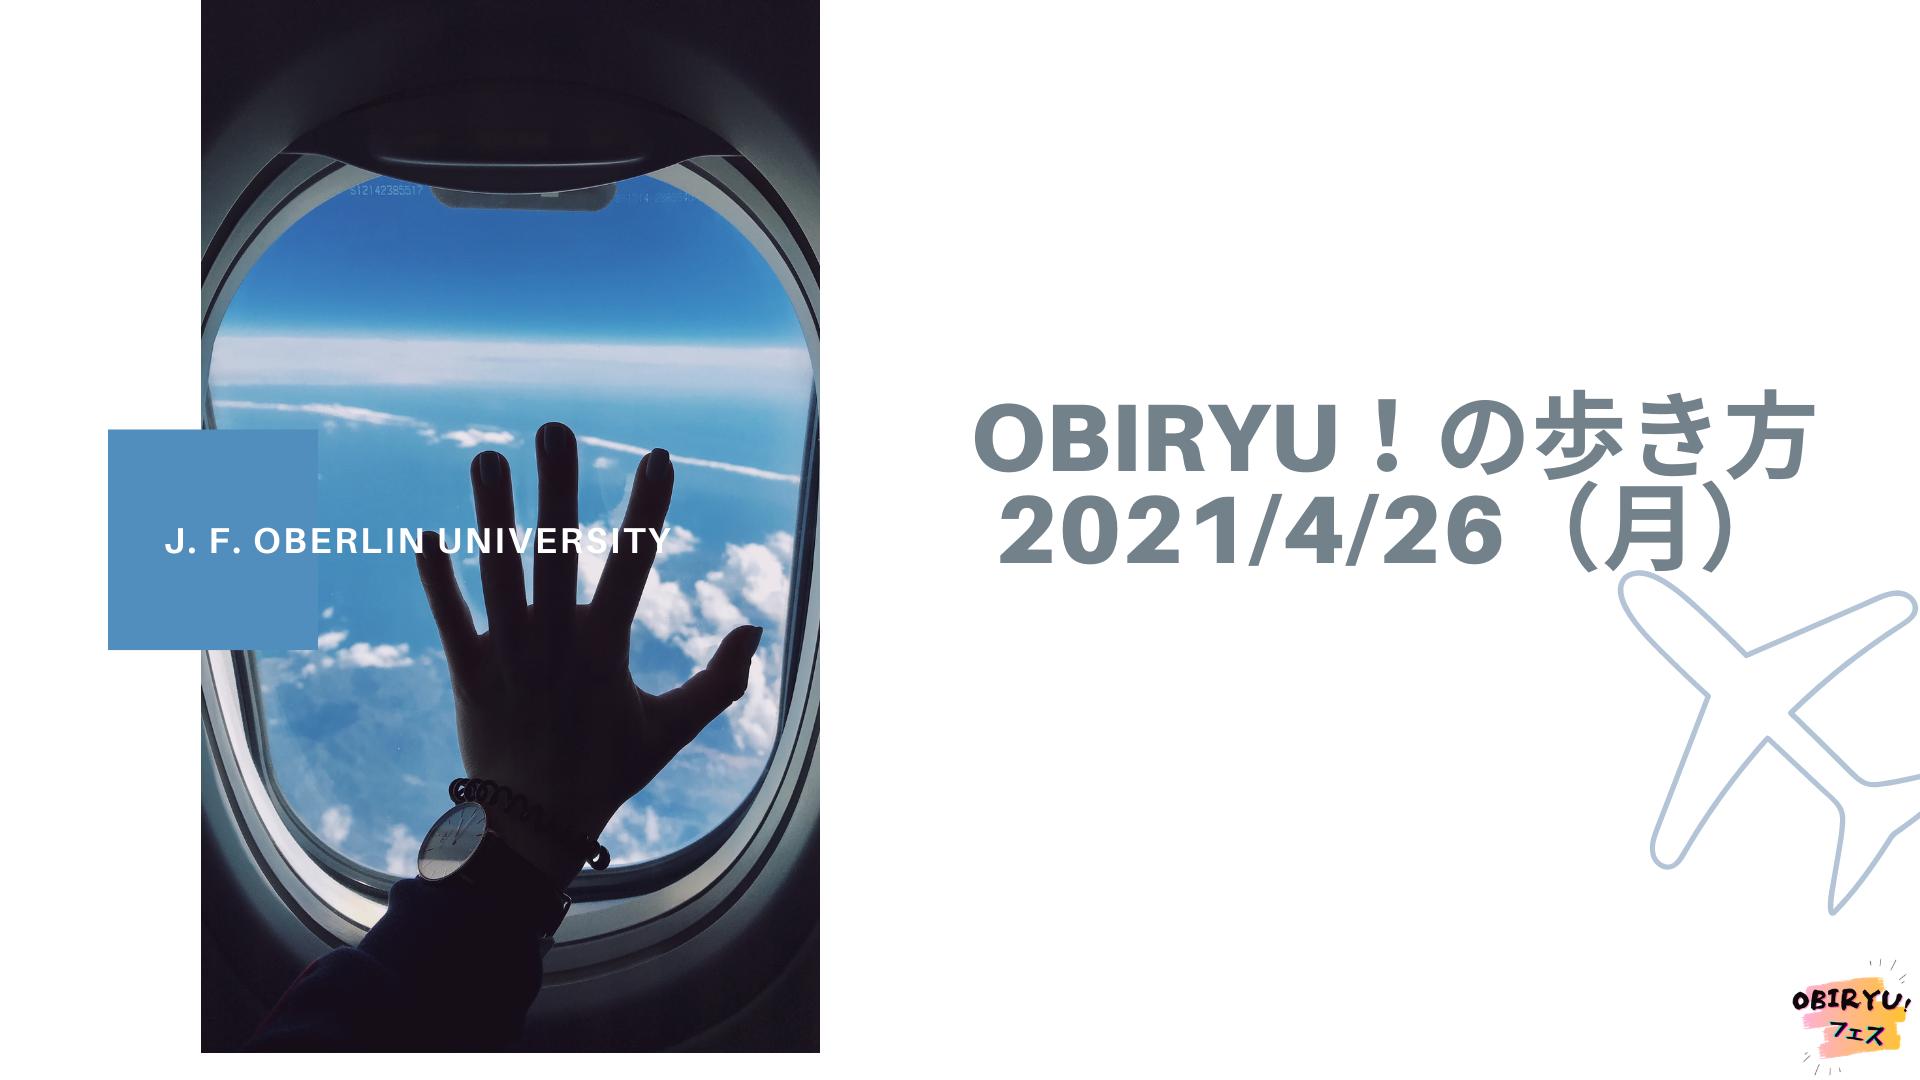 【OBIRYU!フェス】4/26 OBIRYU!の歩き方